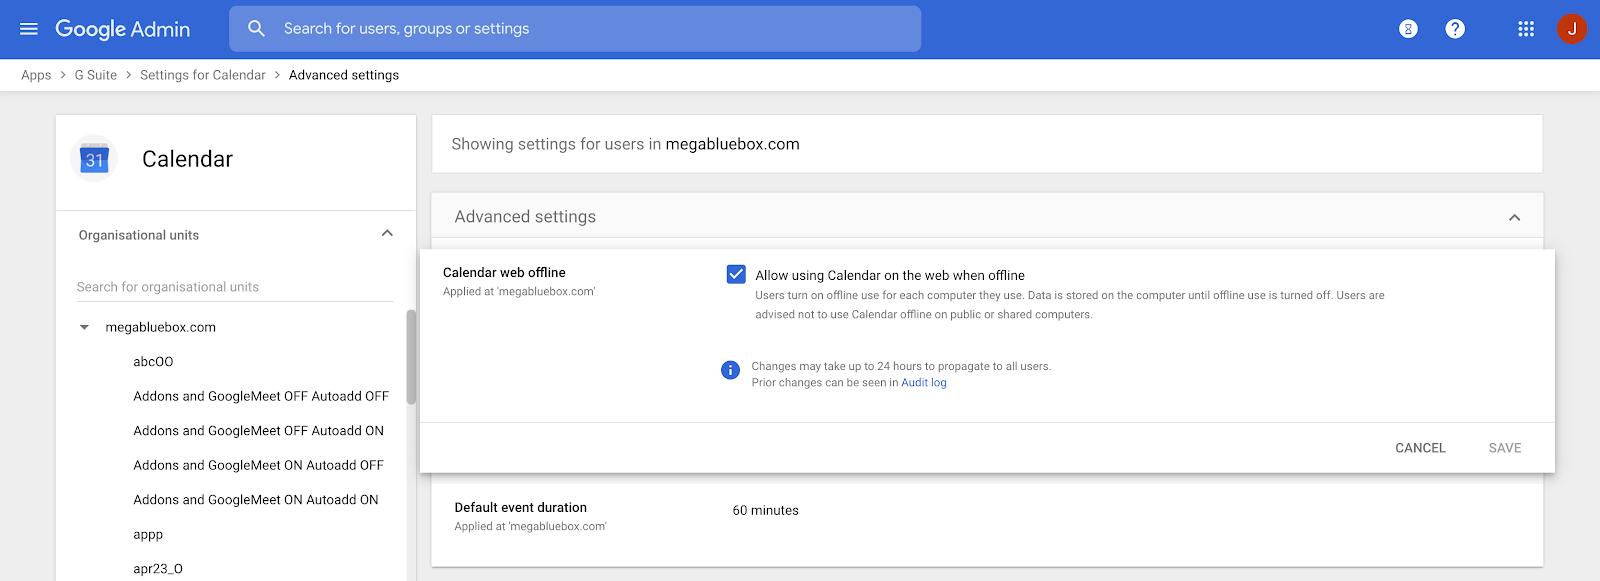 Веб-версия Google Calendar получила возможность работы оффлайн